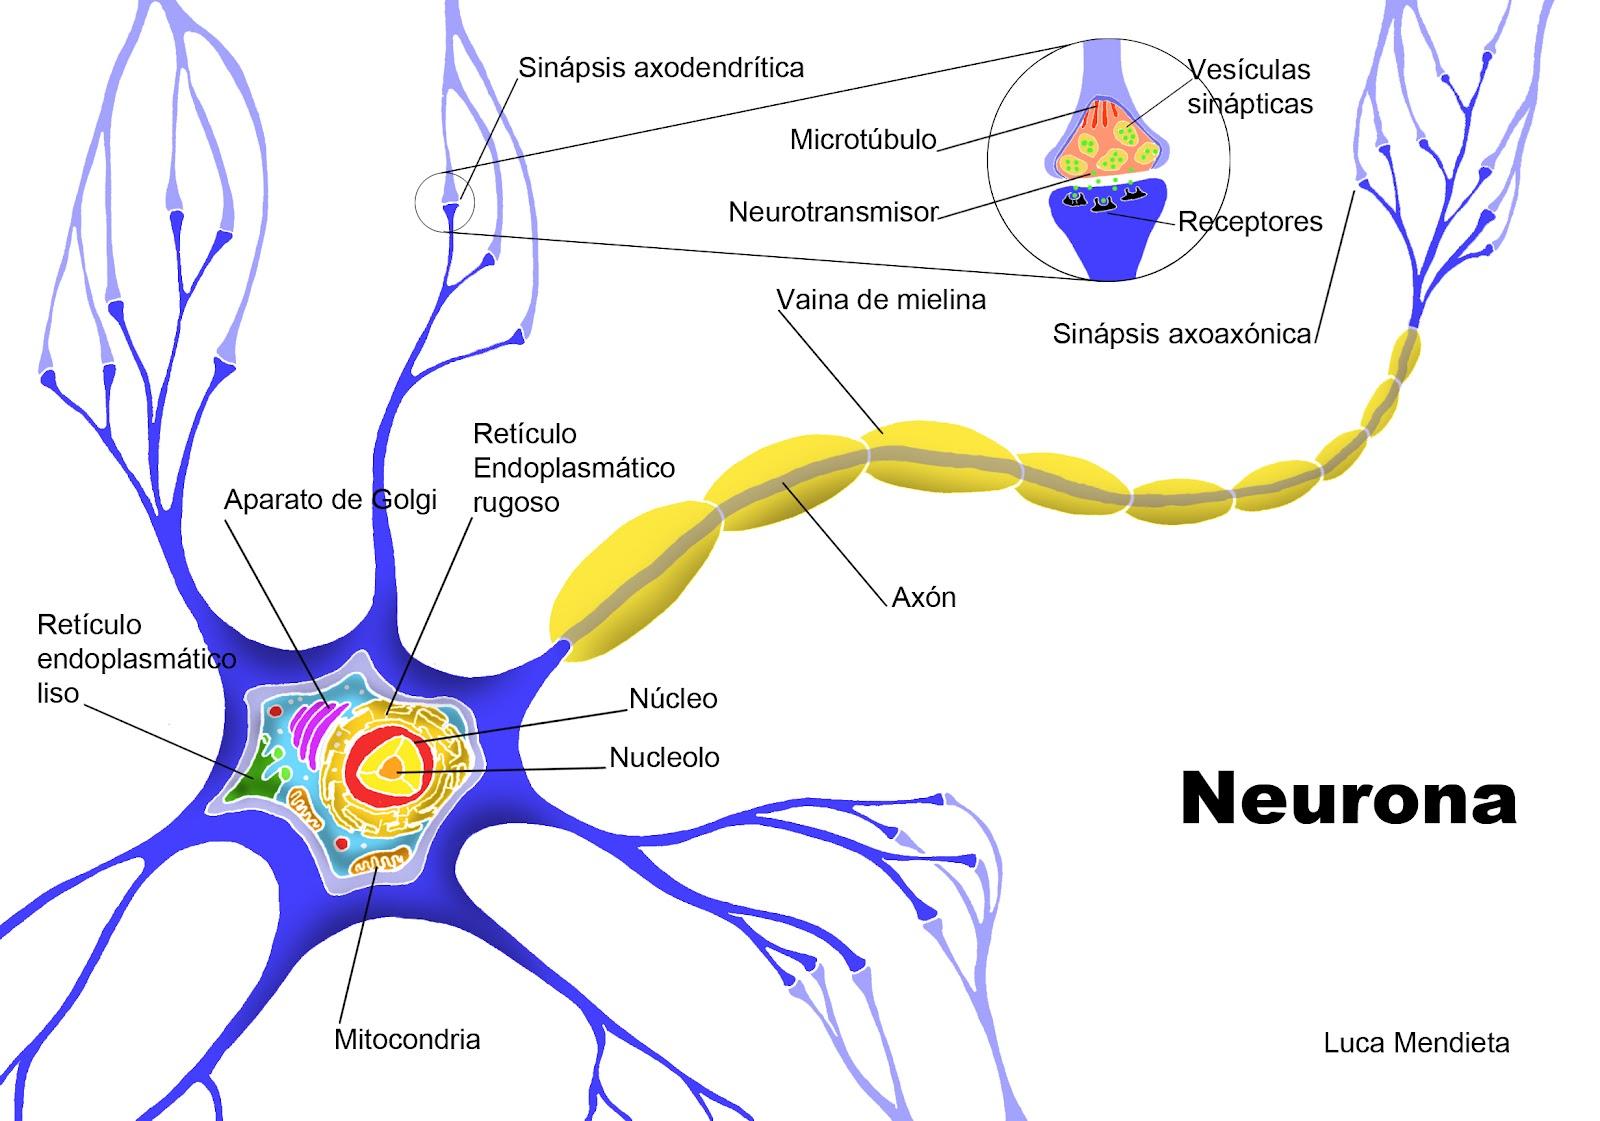 Neuropsicologia: Células nerviosas